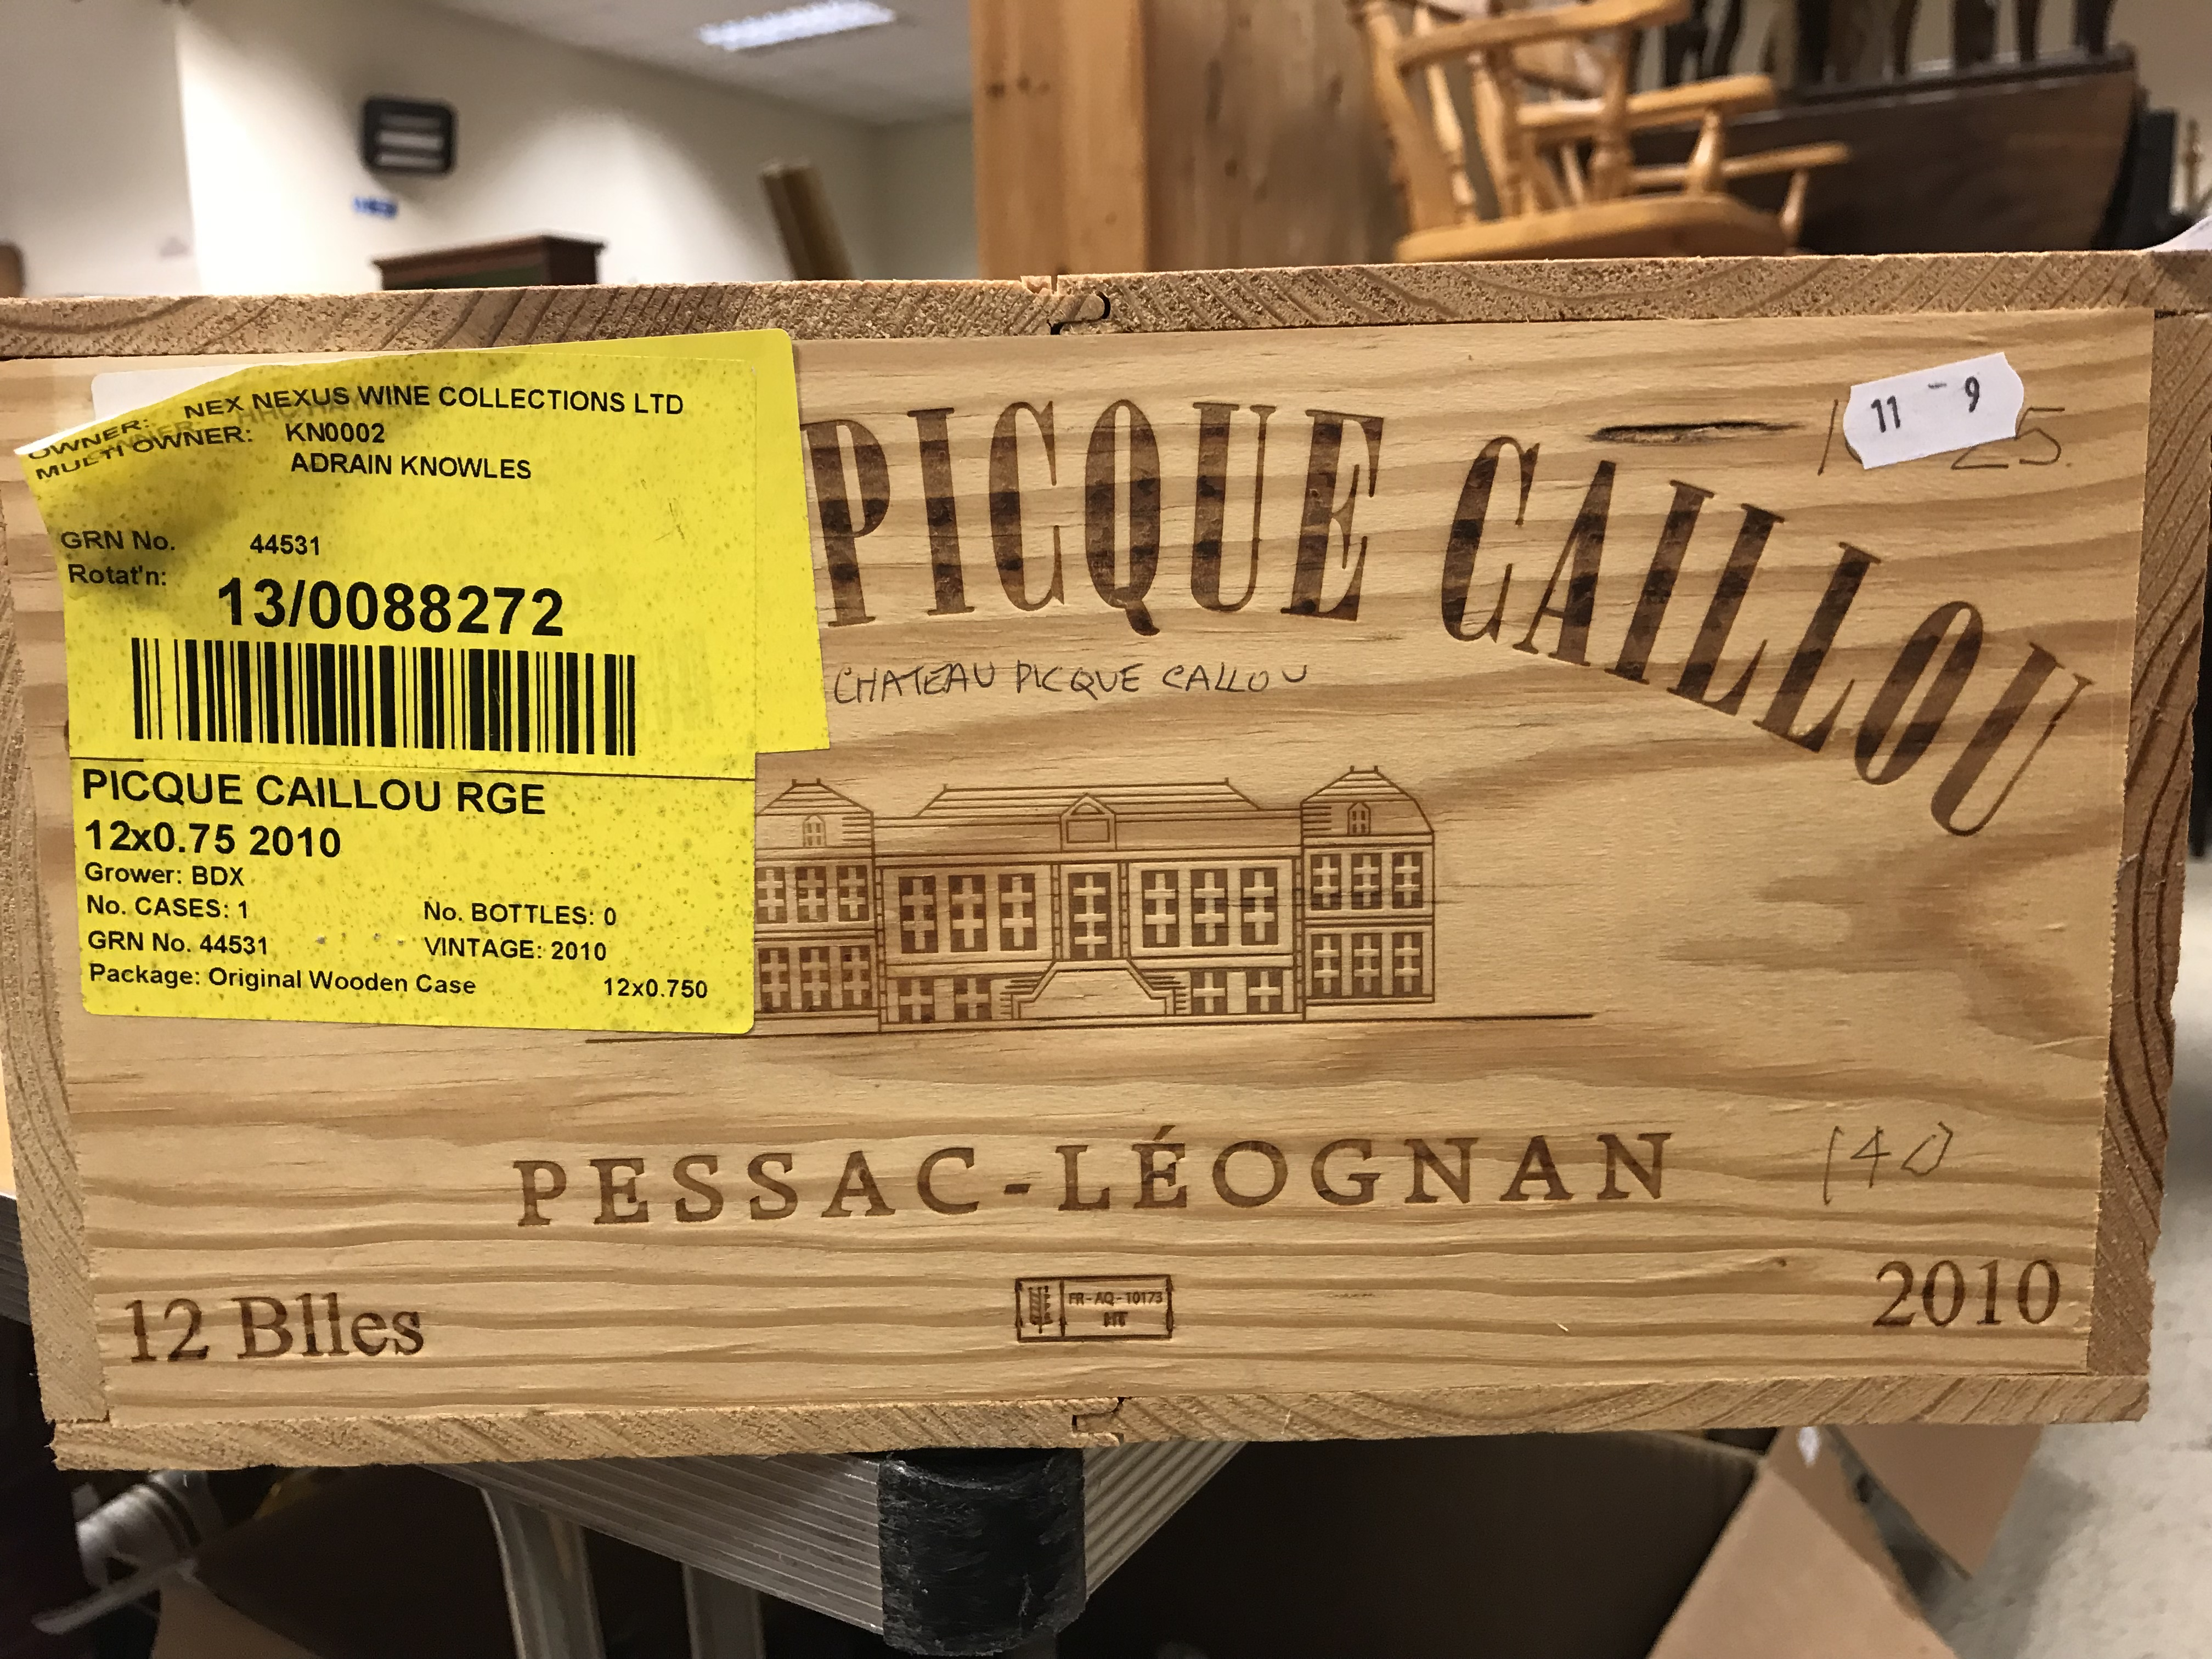 Chateau Pique Caillou Pessac-Léognan 2010 x 12 bottles (OWC)